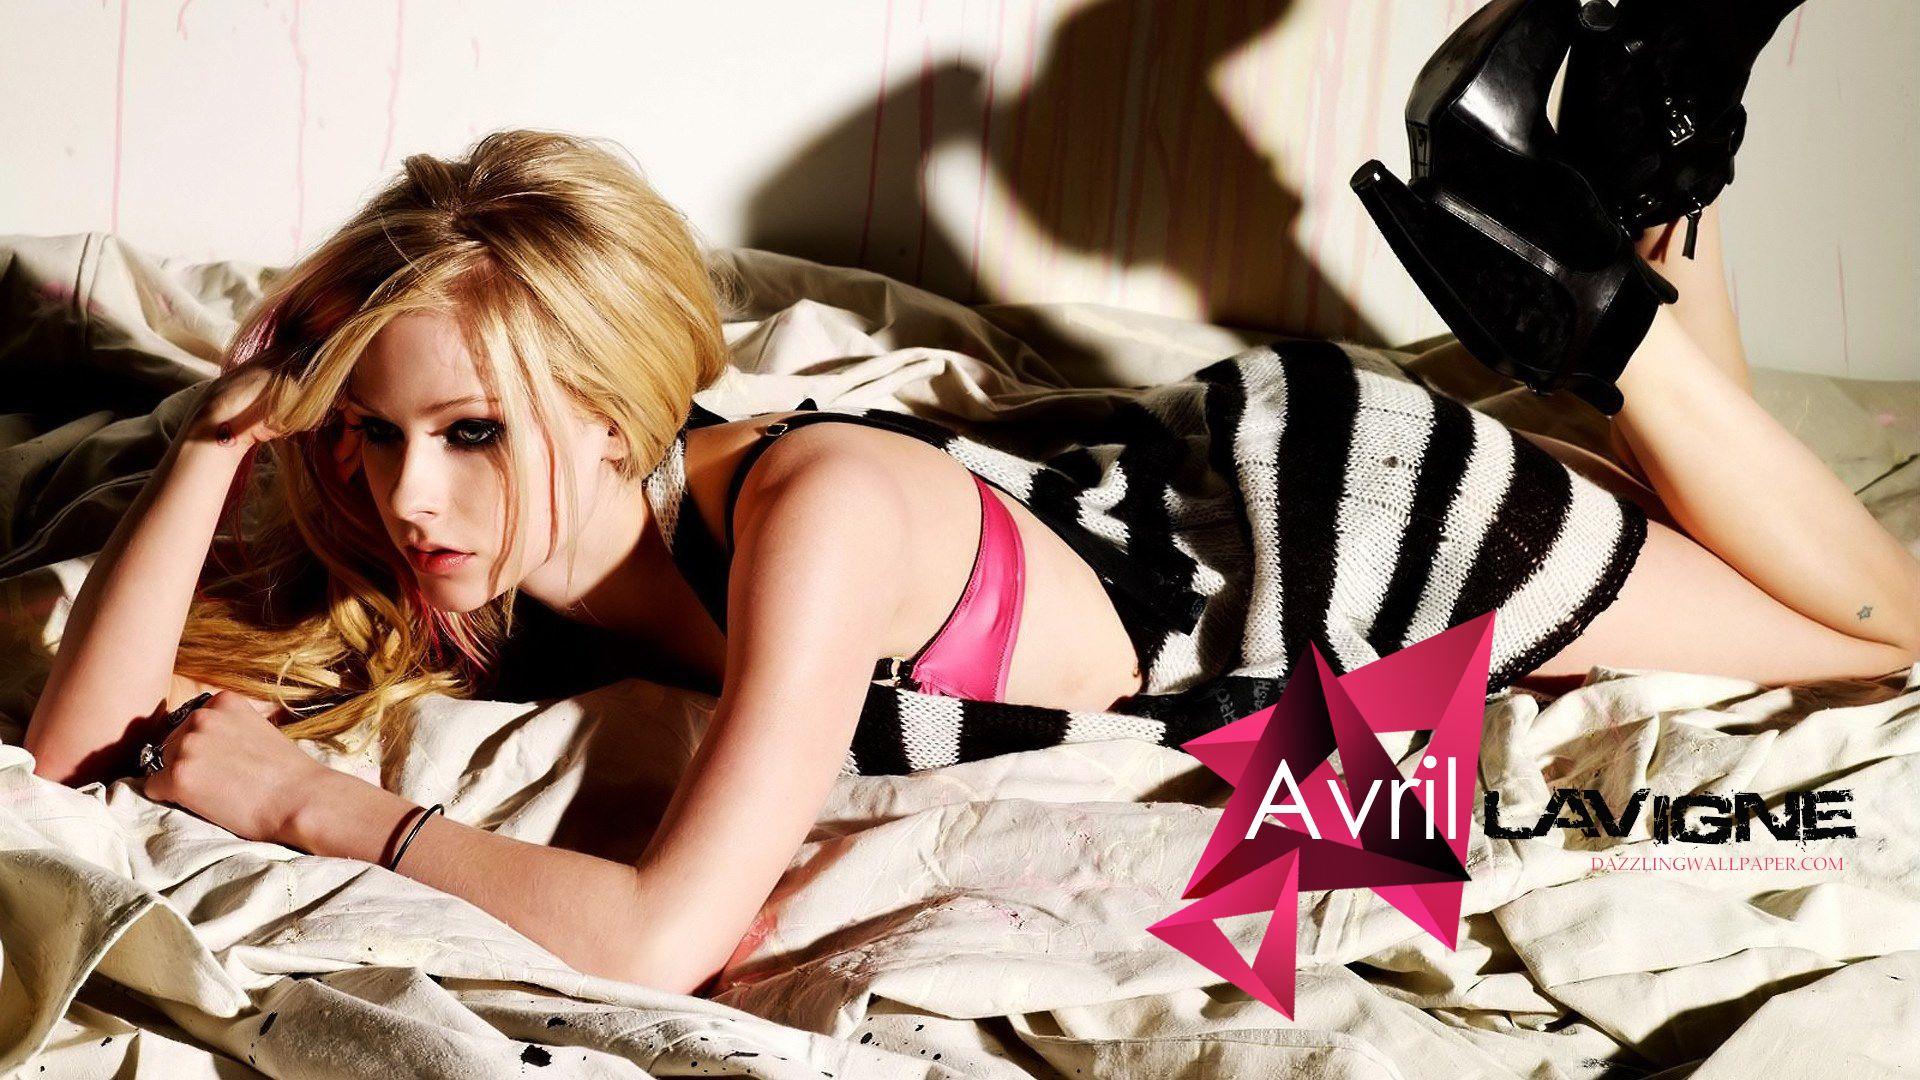 Avril Lavigne Sexy Immagini 97